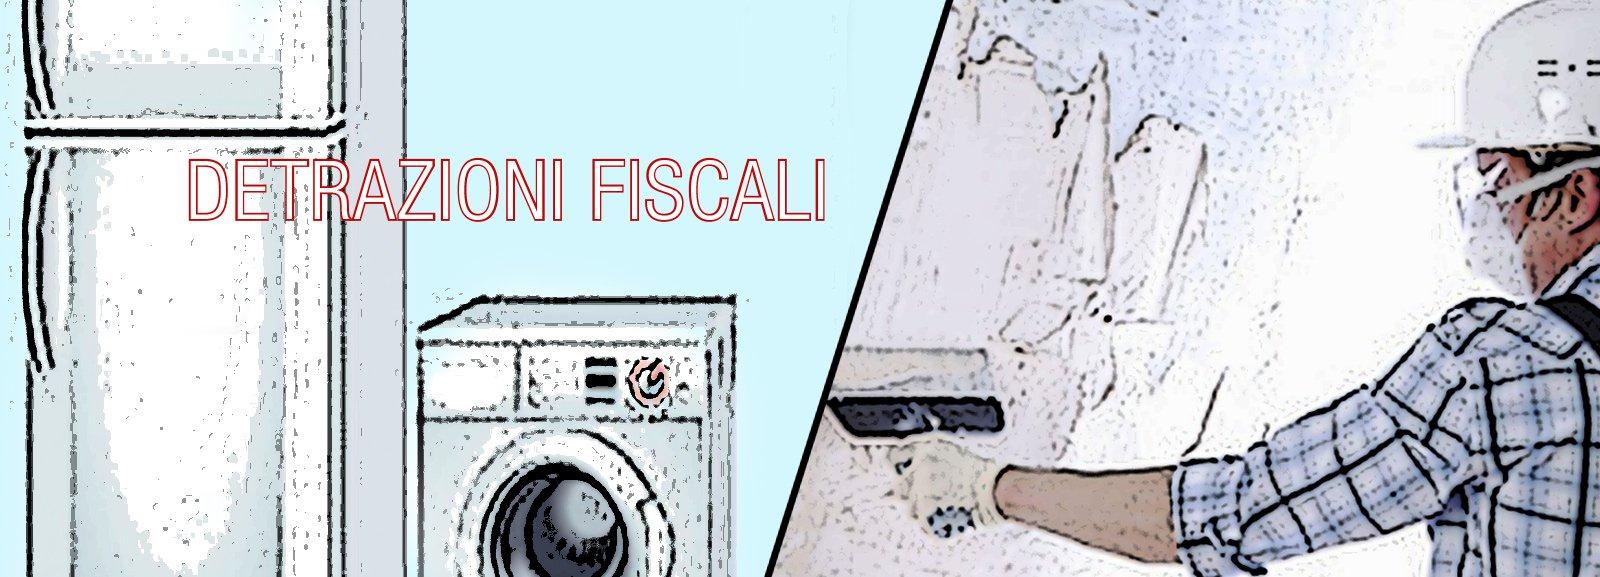 Detrazioni fiscali prorogate al 31 dicembre 2017 cose di for Detrazioni fiscali arredamento